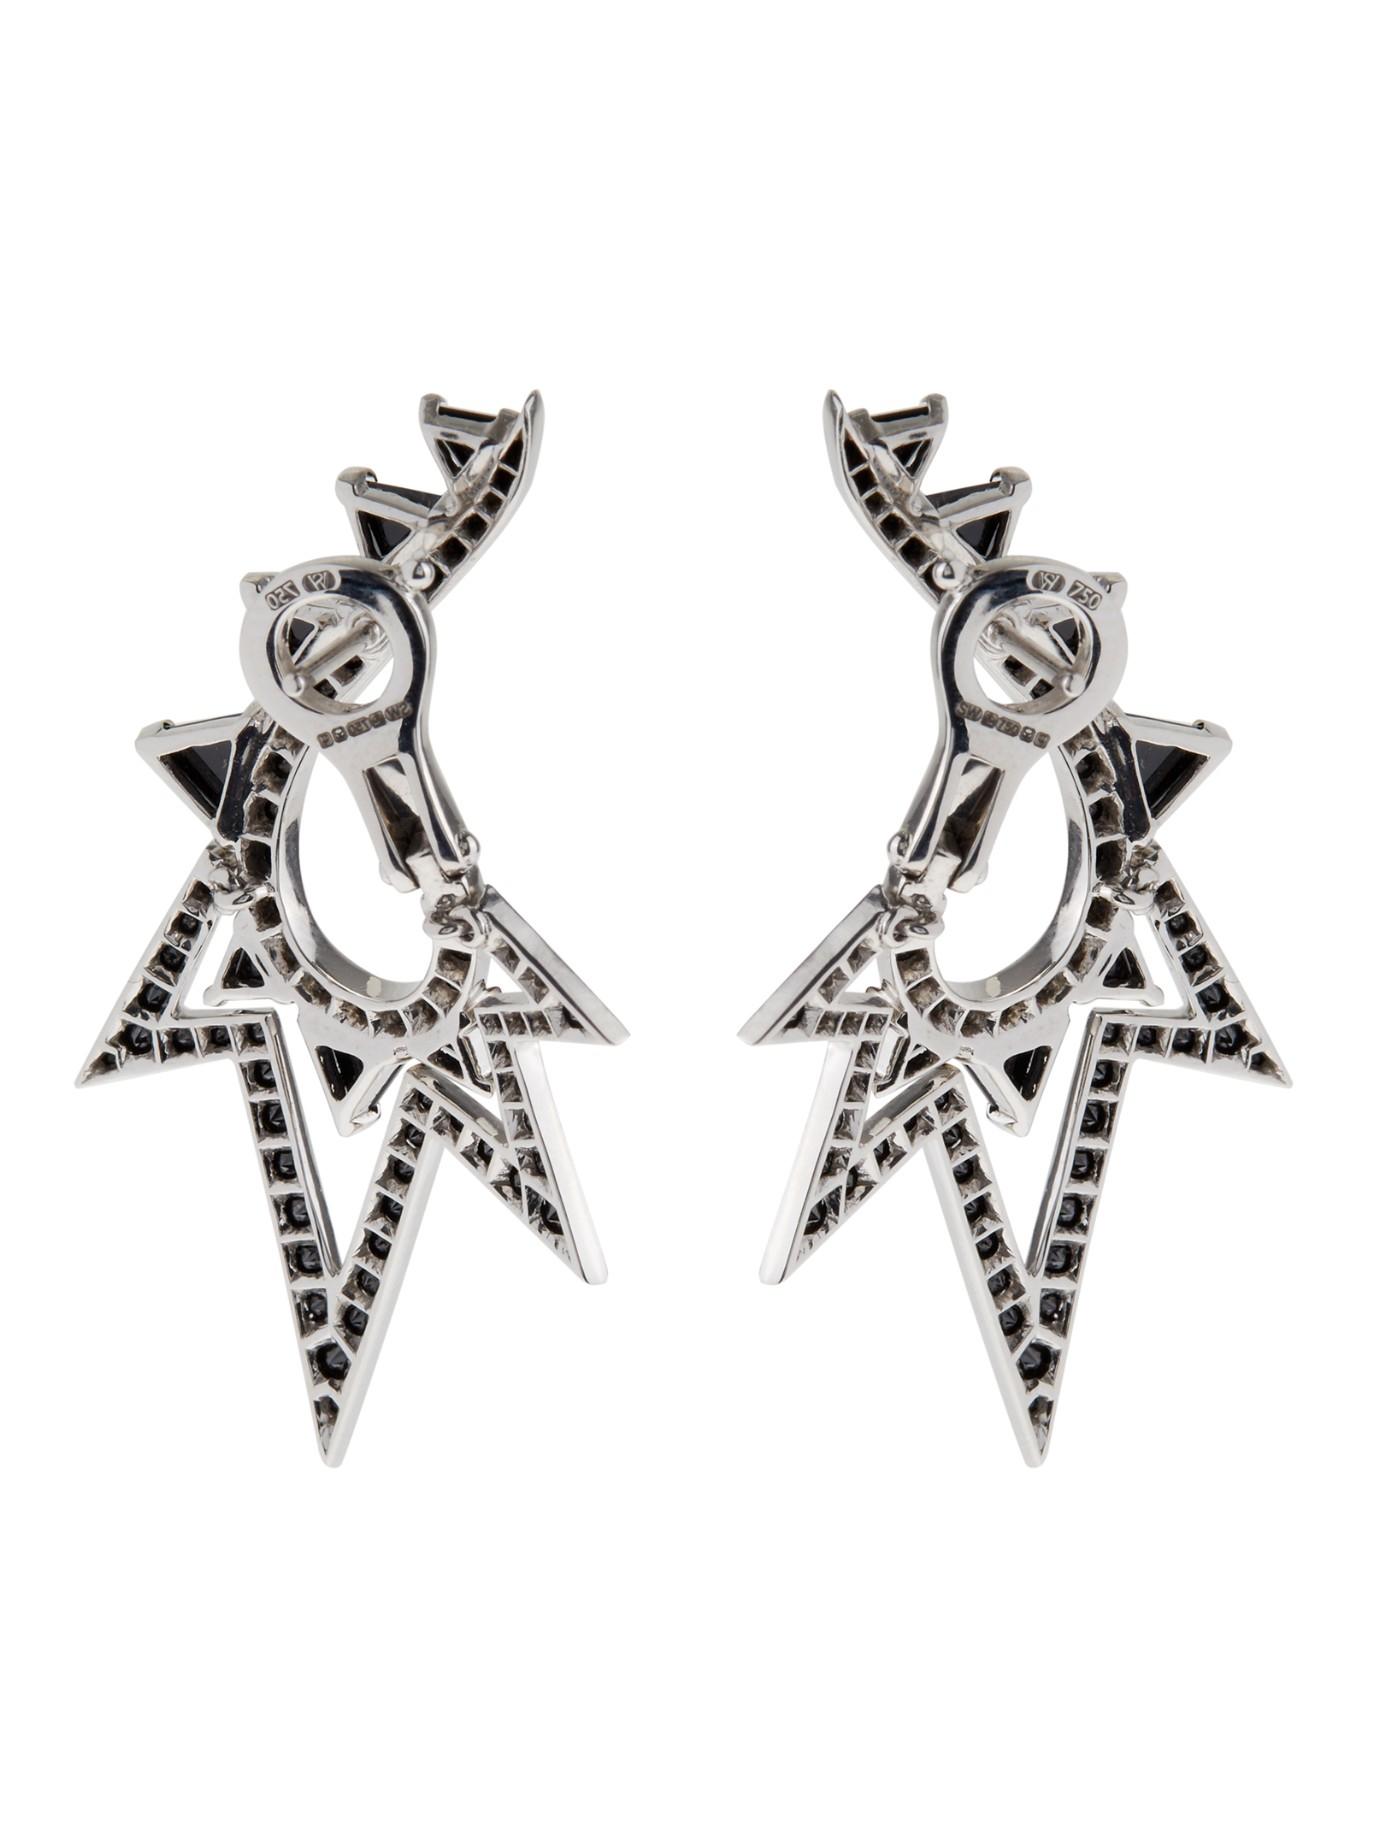 Stephen Webster Lady Stardust 18K White Gold & Diamond Earrings pIUi7YIeKc